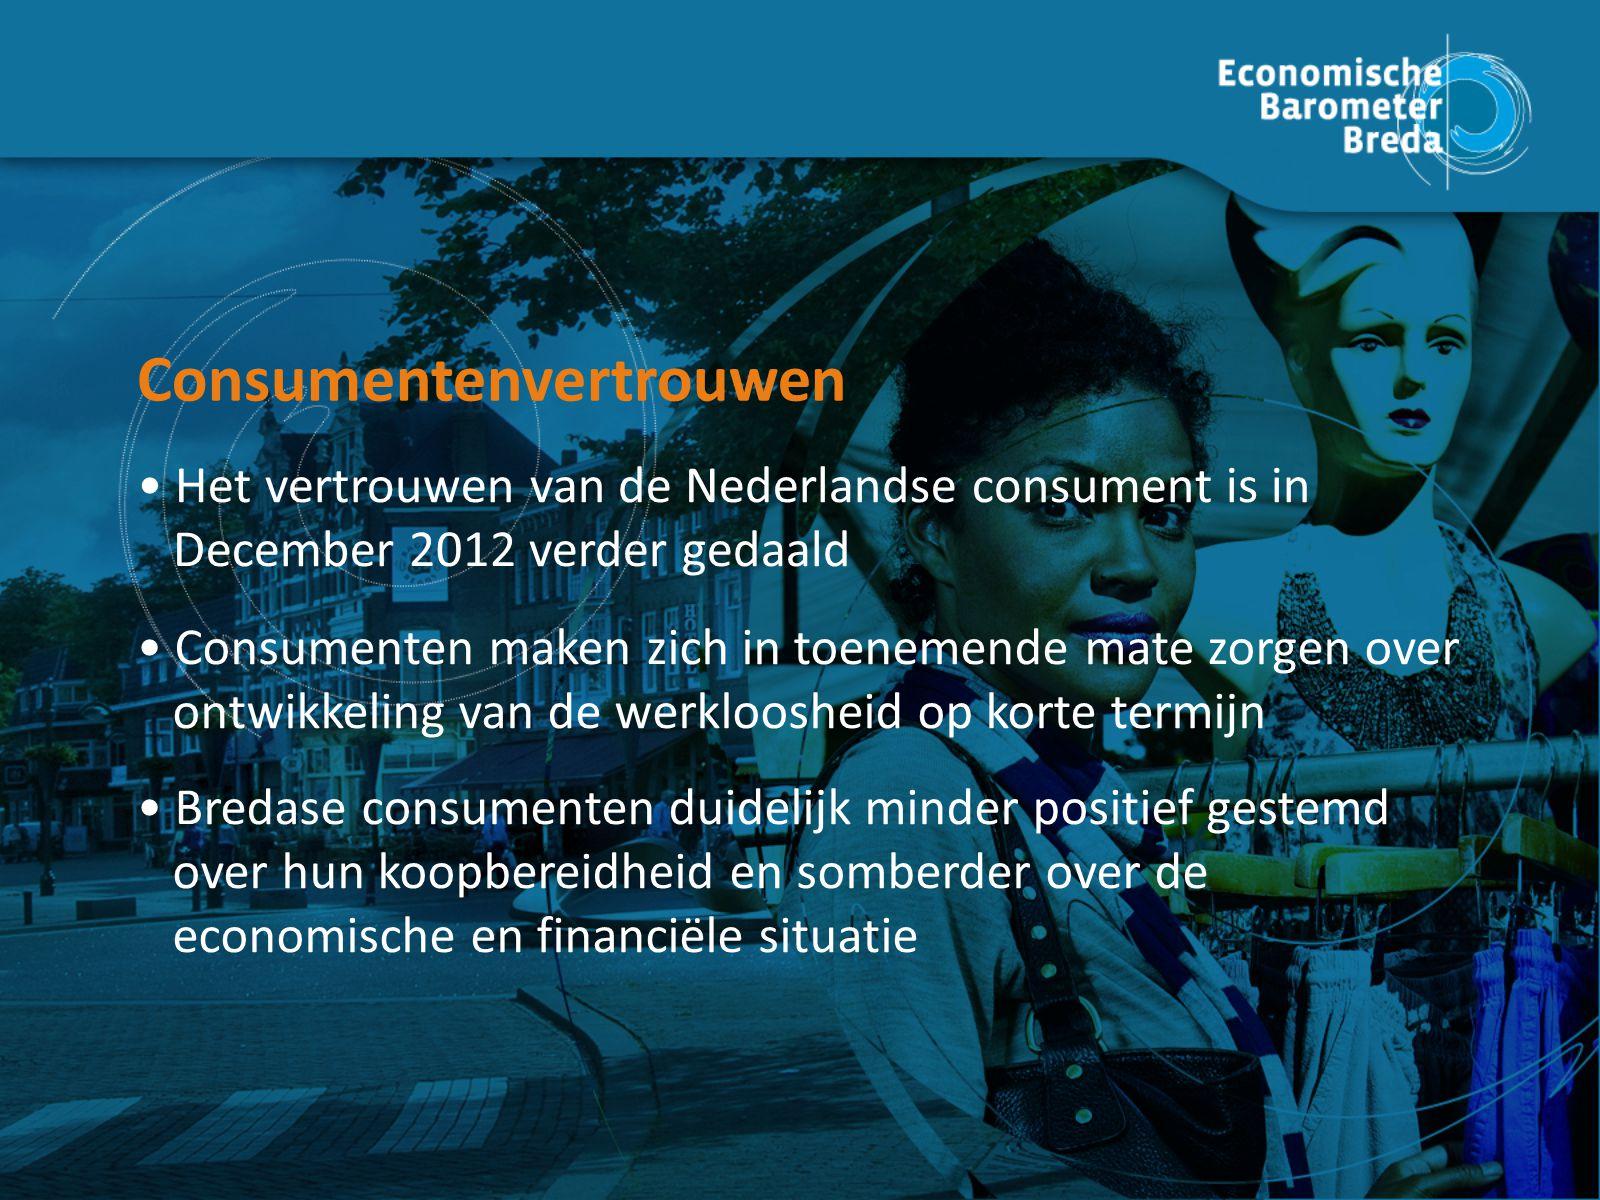 Consumente nvertrouwen Het vertrouwen van de Nederlandse consument is in December 2012 verder gedaald Consumentenvertrouwen Consumenten maken zich in toenemende mate zorgen over ontwikkeling van de werkloosheid op korte termijn Bredase consumenten duidelijk minder positief gestemd over hun koopbereidheid en somberder over de economische en financiële situatie